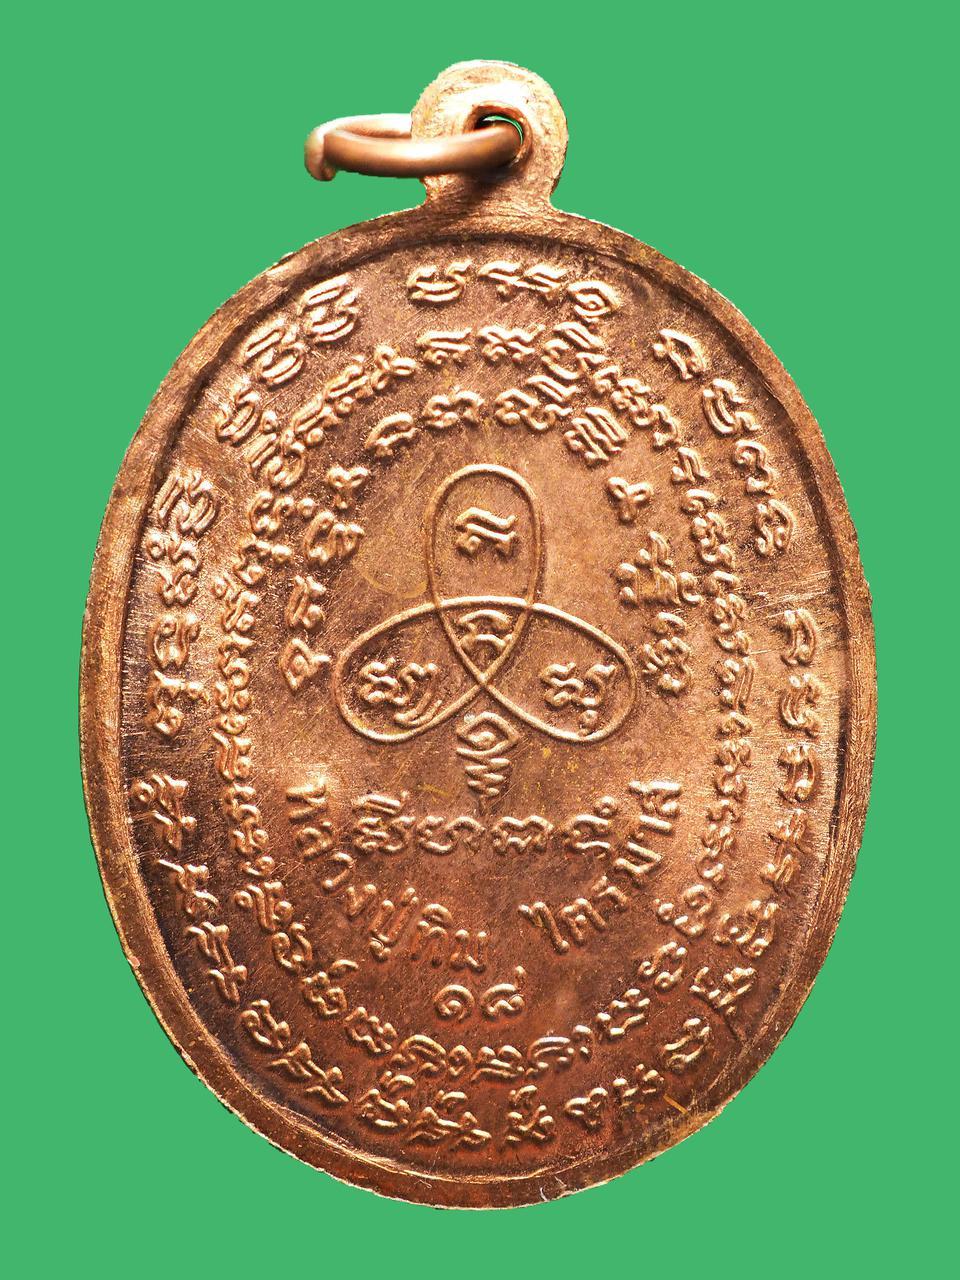 เหรียญนาคปรกไตรมาส หลวงปู่ทิม วัดละหารไร่ ปี 2518 รูปที่ 2